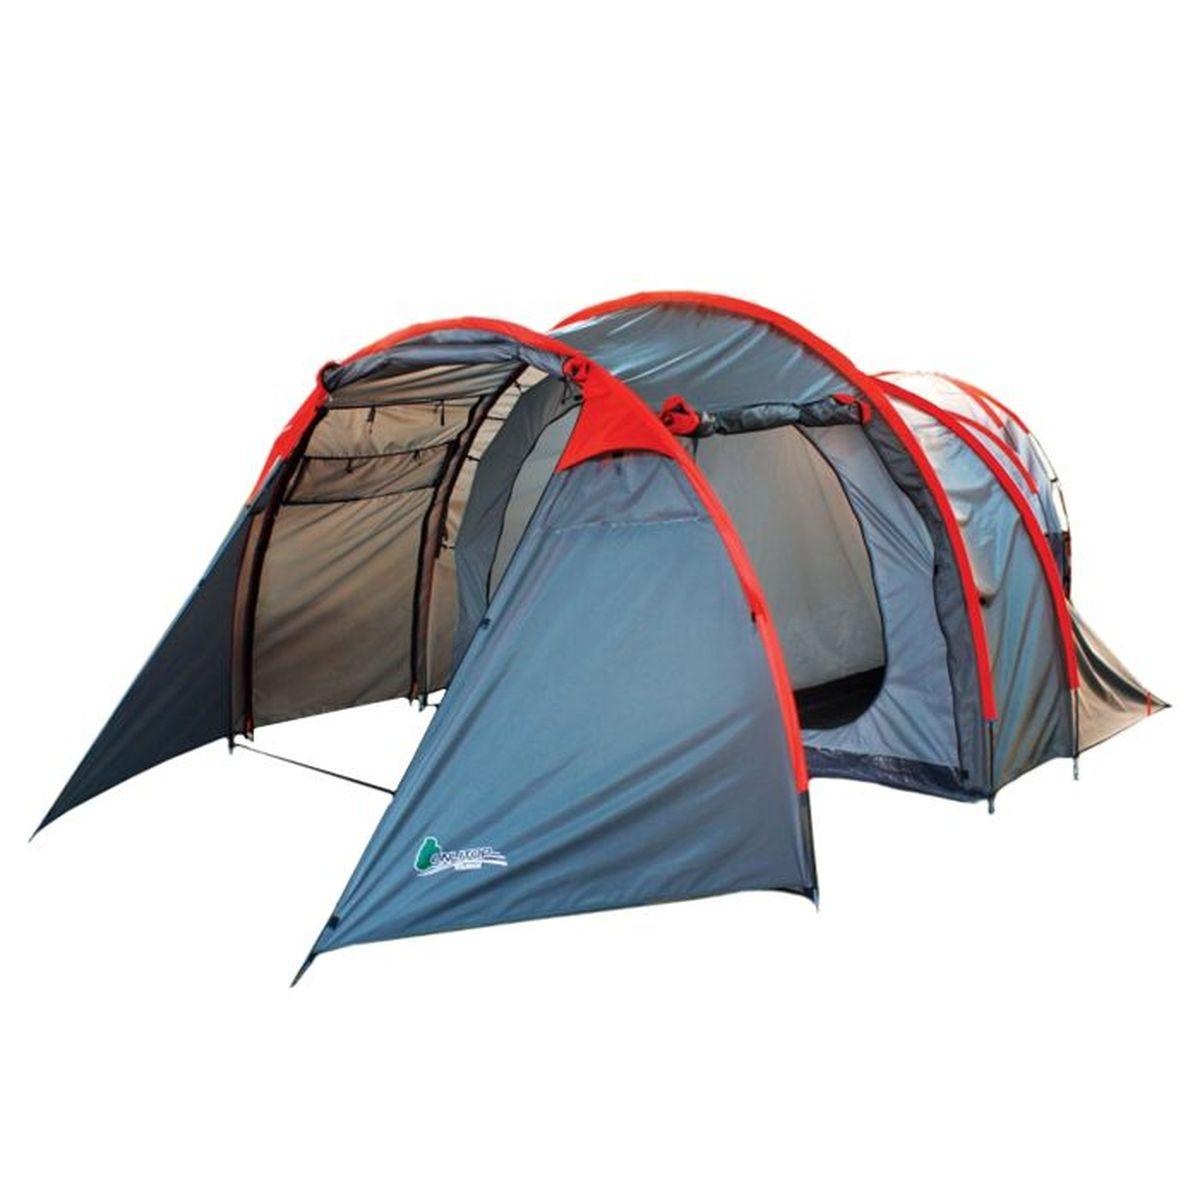 Палатка туристическая Onlitop Voyager, 4-местная, цвет: серый